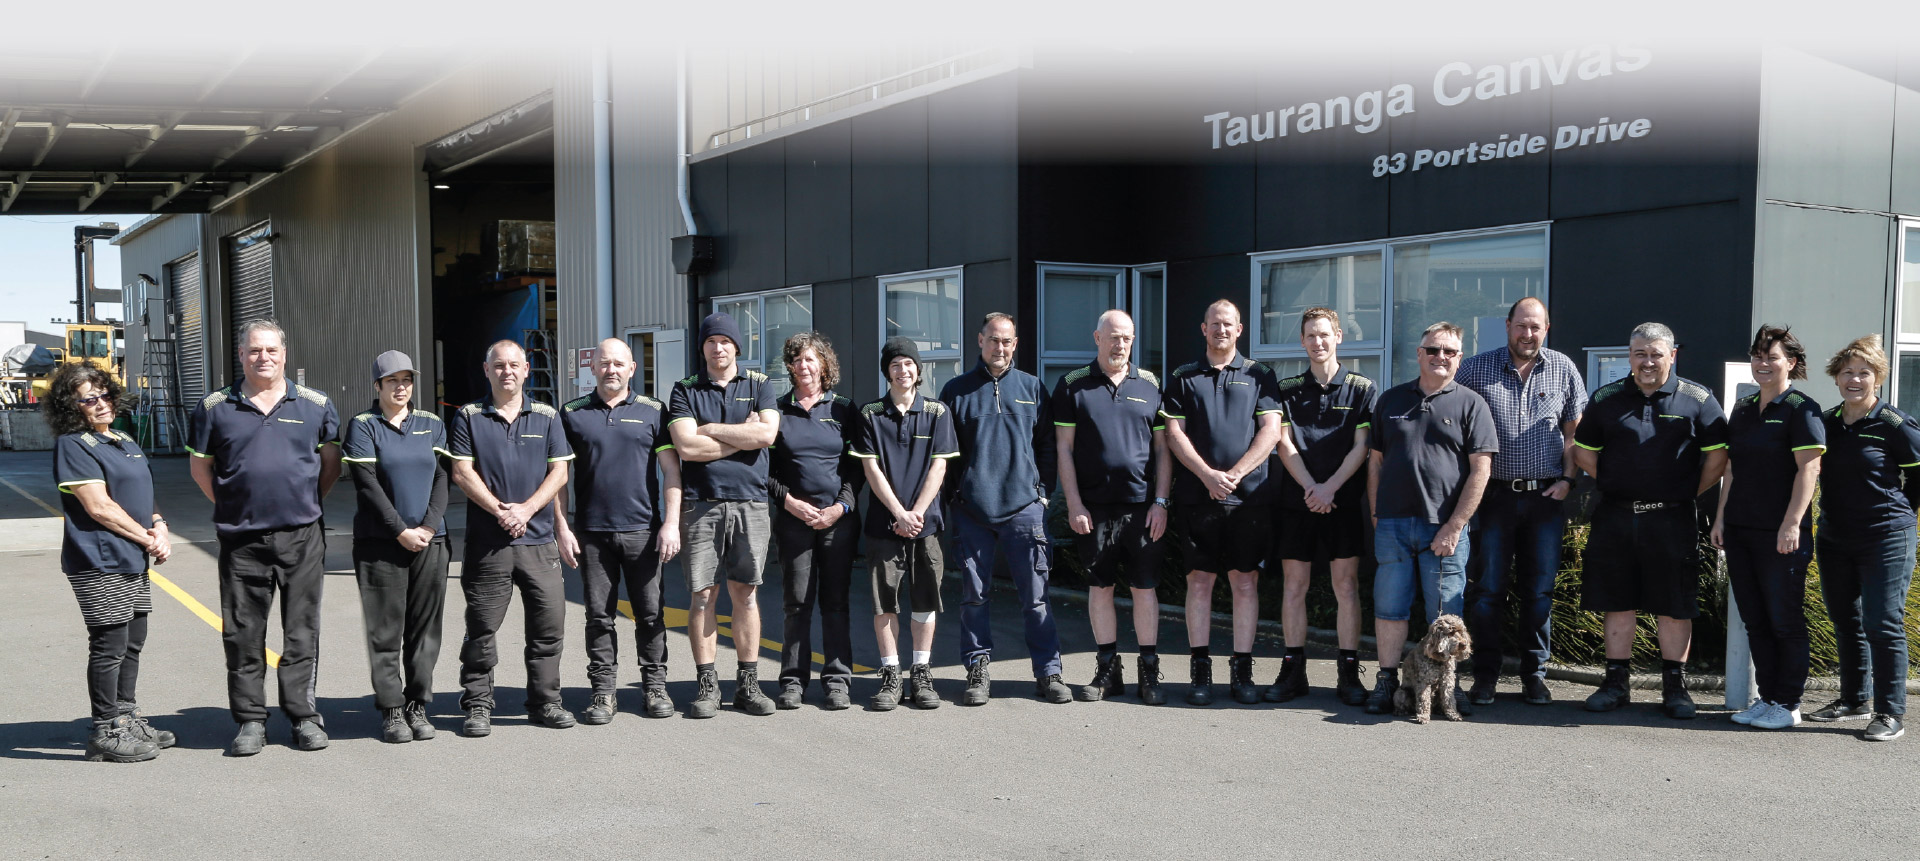 Tauranga Canvas Meet the Team